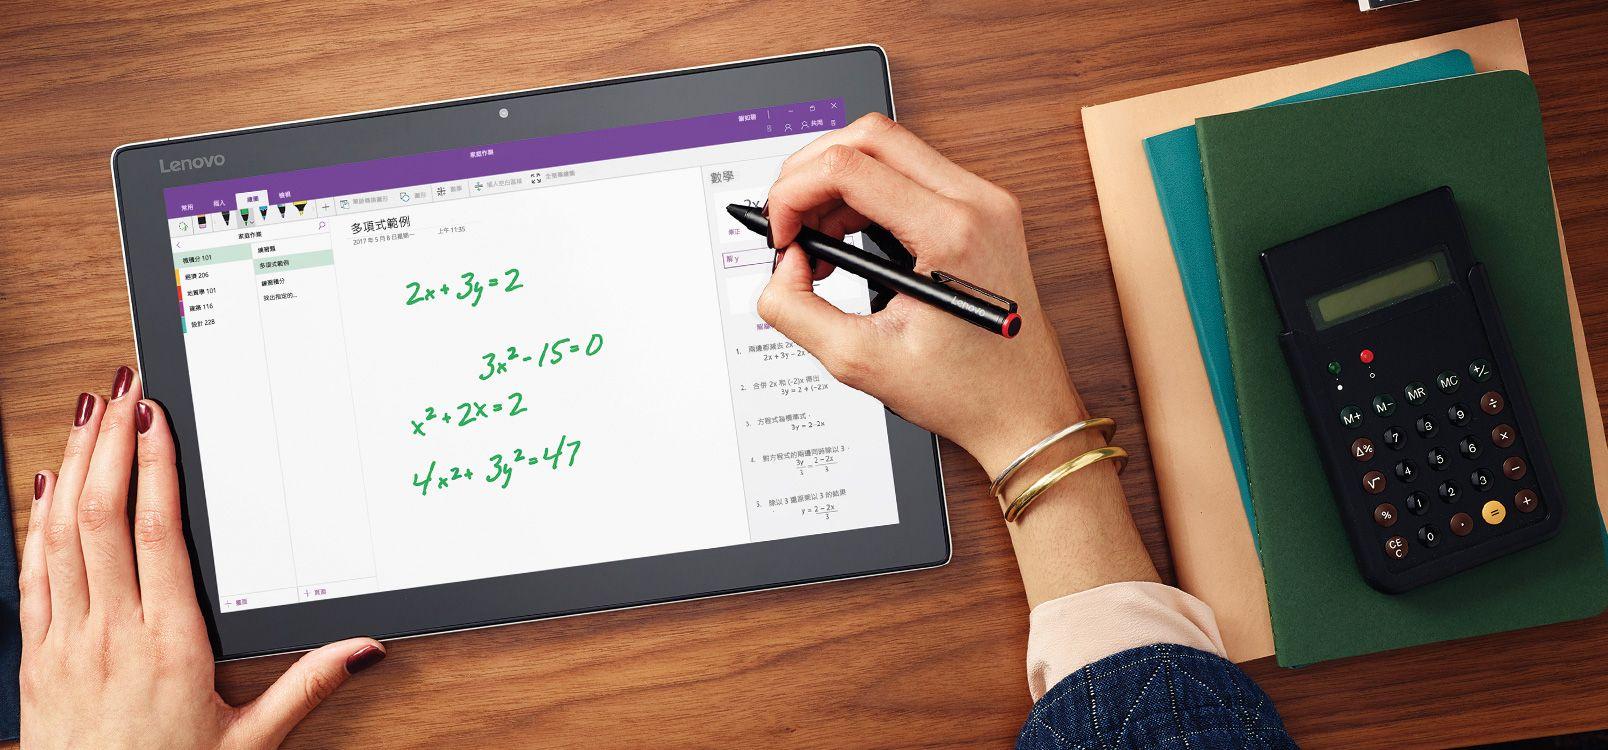 顯示使用筆跡數學小幫手的 OneNote 的平板電腦螢幕